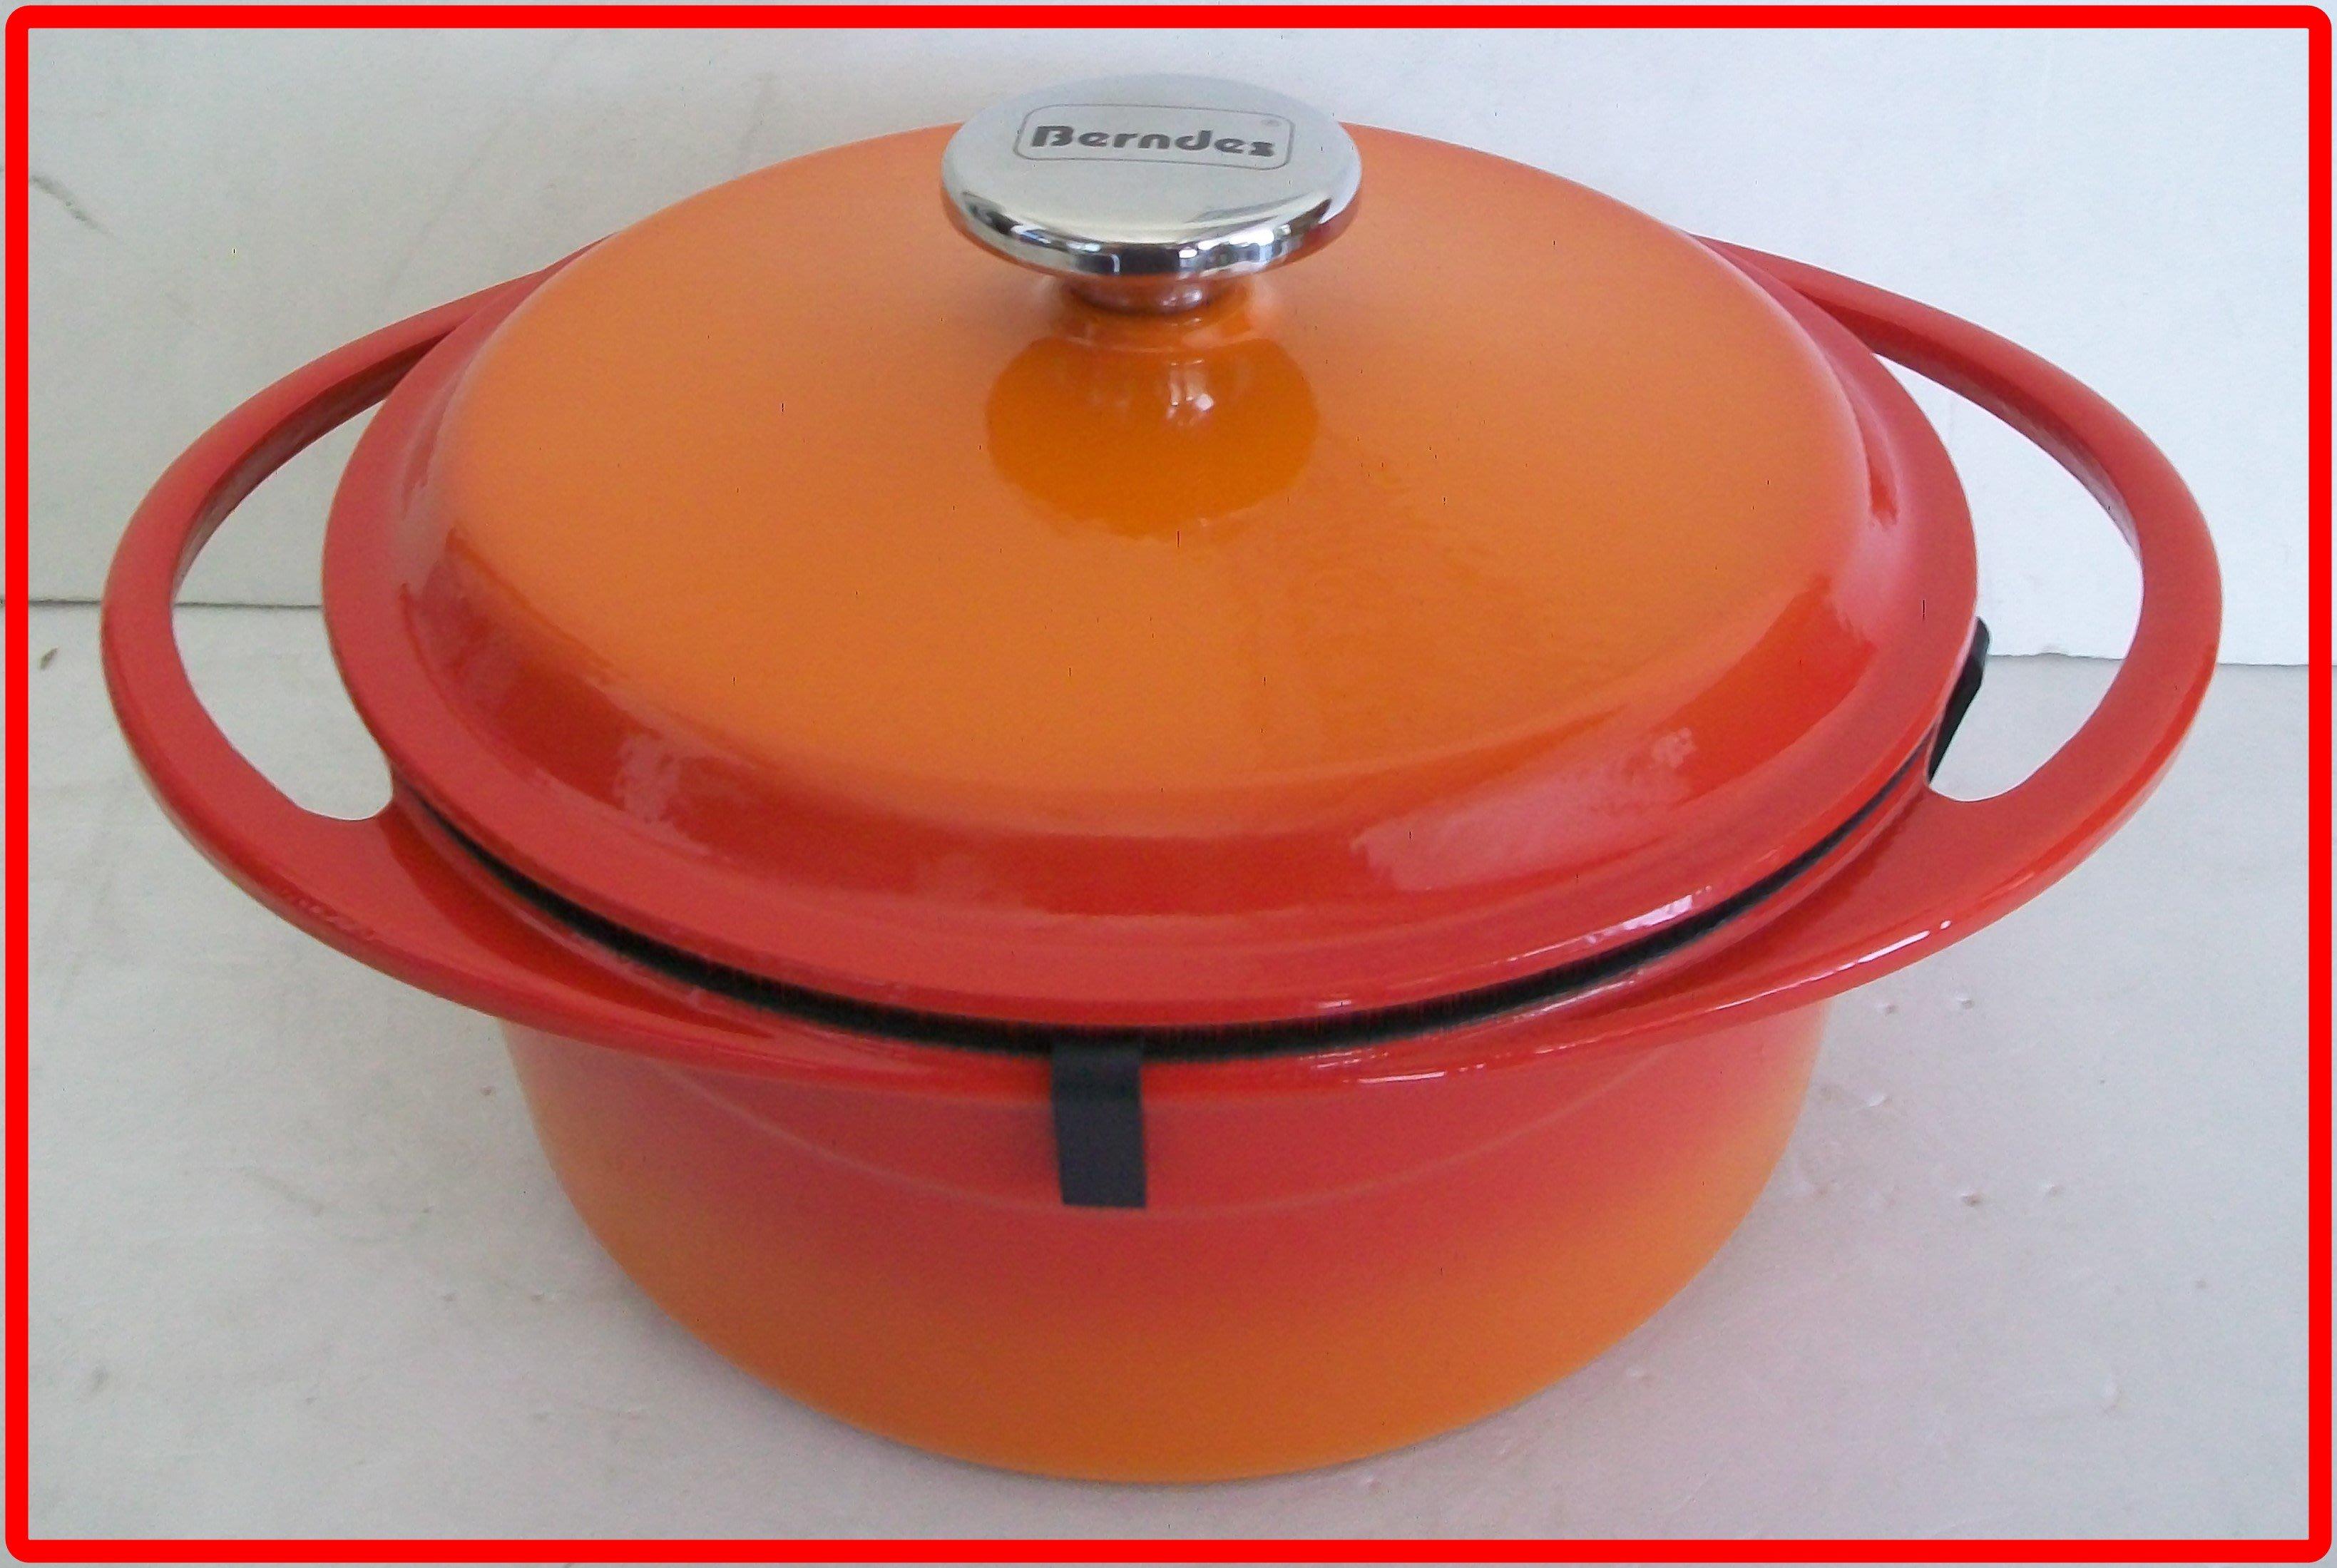 寶迪 鑄鐵鍋 berndes 24cm